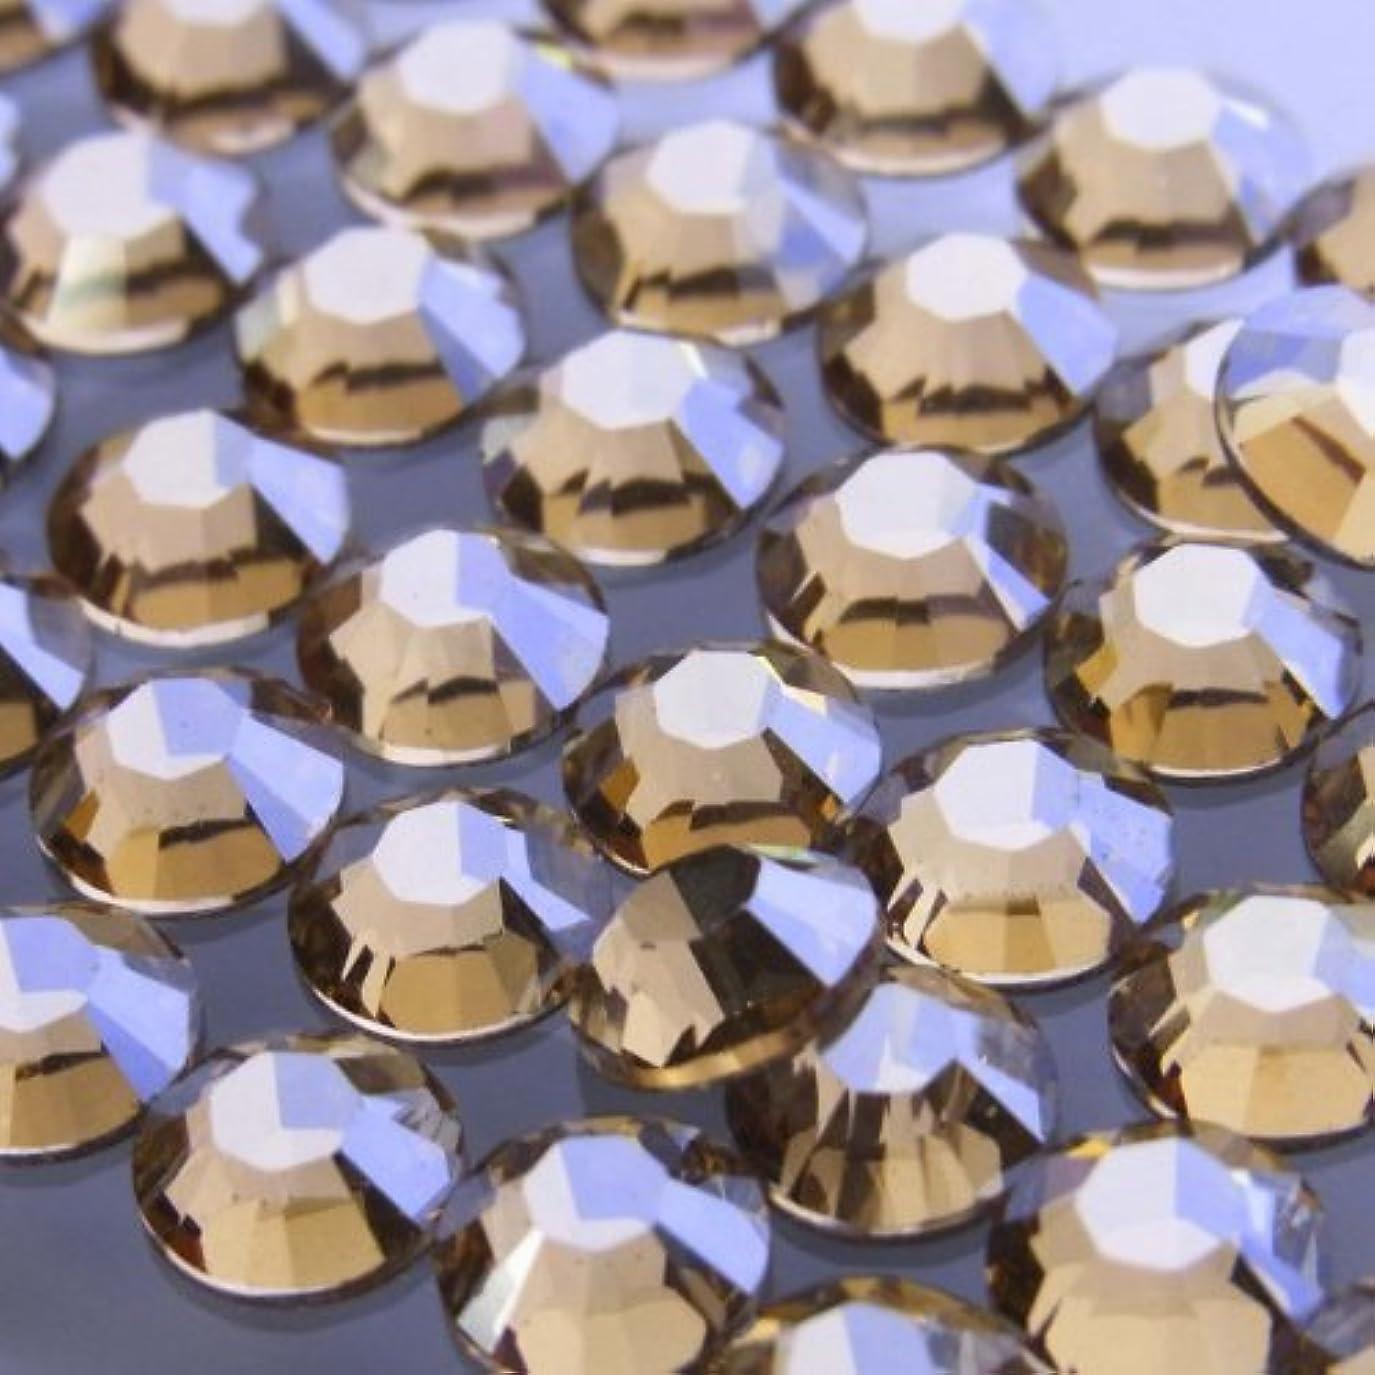 セミナーそこからけん引2058クリスタルゴールデンシャドウss5(50粒入り)スワロフスキーラインストーン(nohotfix)